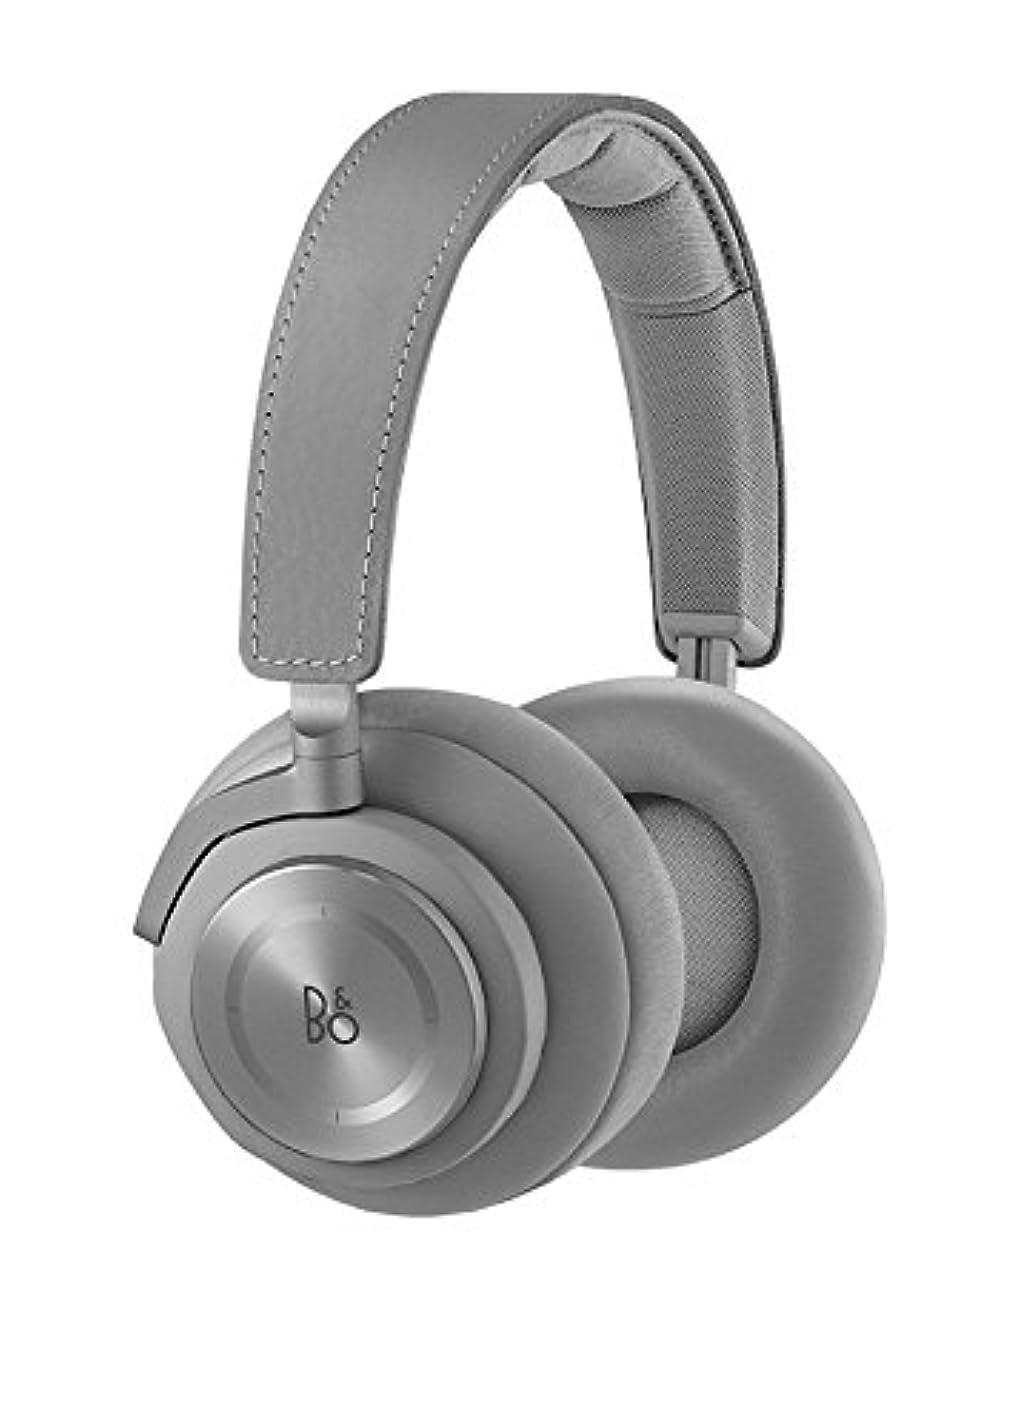 抜粋遺体安置所シンジケートBang & Olufsen ワイヤレスヘッドホン BeoPlay H7 オーバーイヤー Bluetooth AAC apt-X 対応 キャリングポーチ付属 グレー(Grey) BeoPlay H7 Grey 【国内正規品】